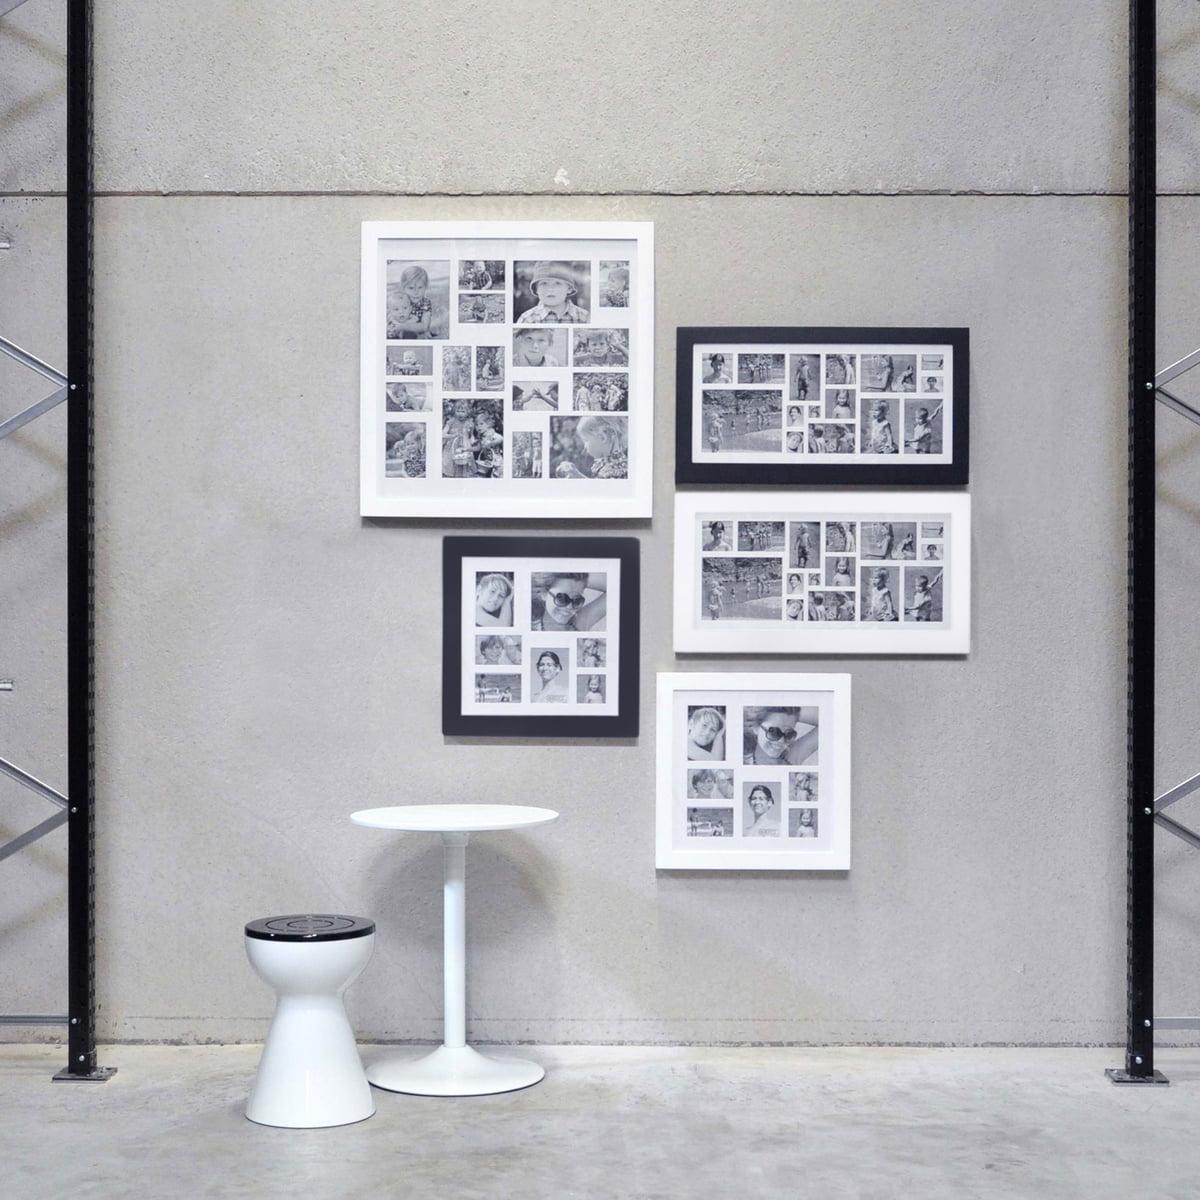 Multi Fotorahmen von XLBoom im Shop kaufen